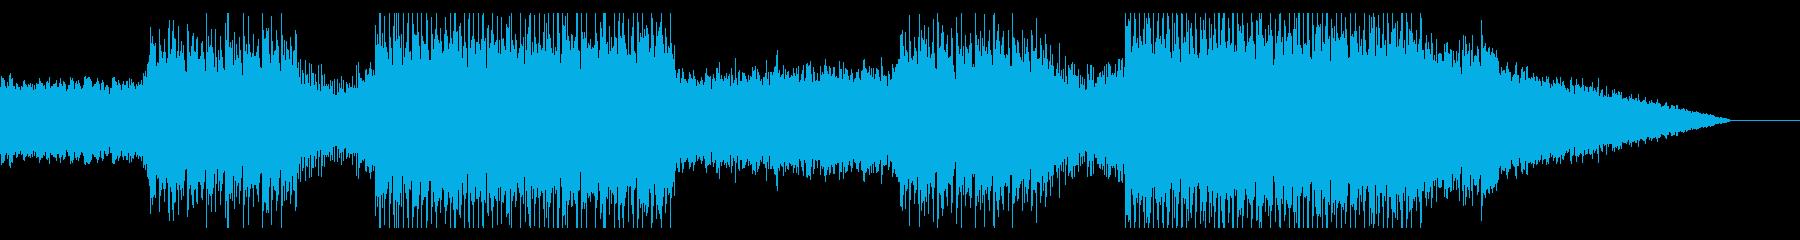 爽やかでエネルギッシュなBGMの再生済みの波形